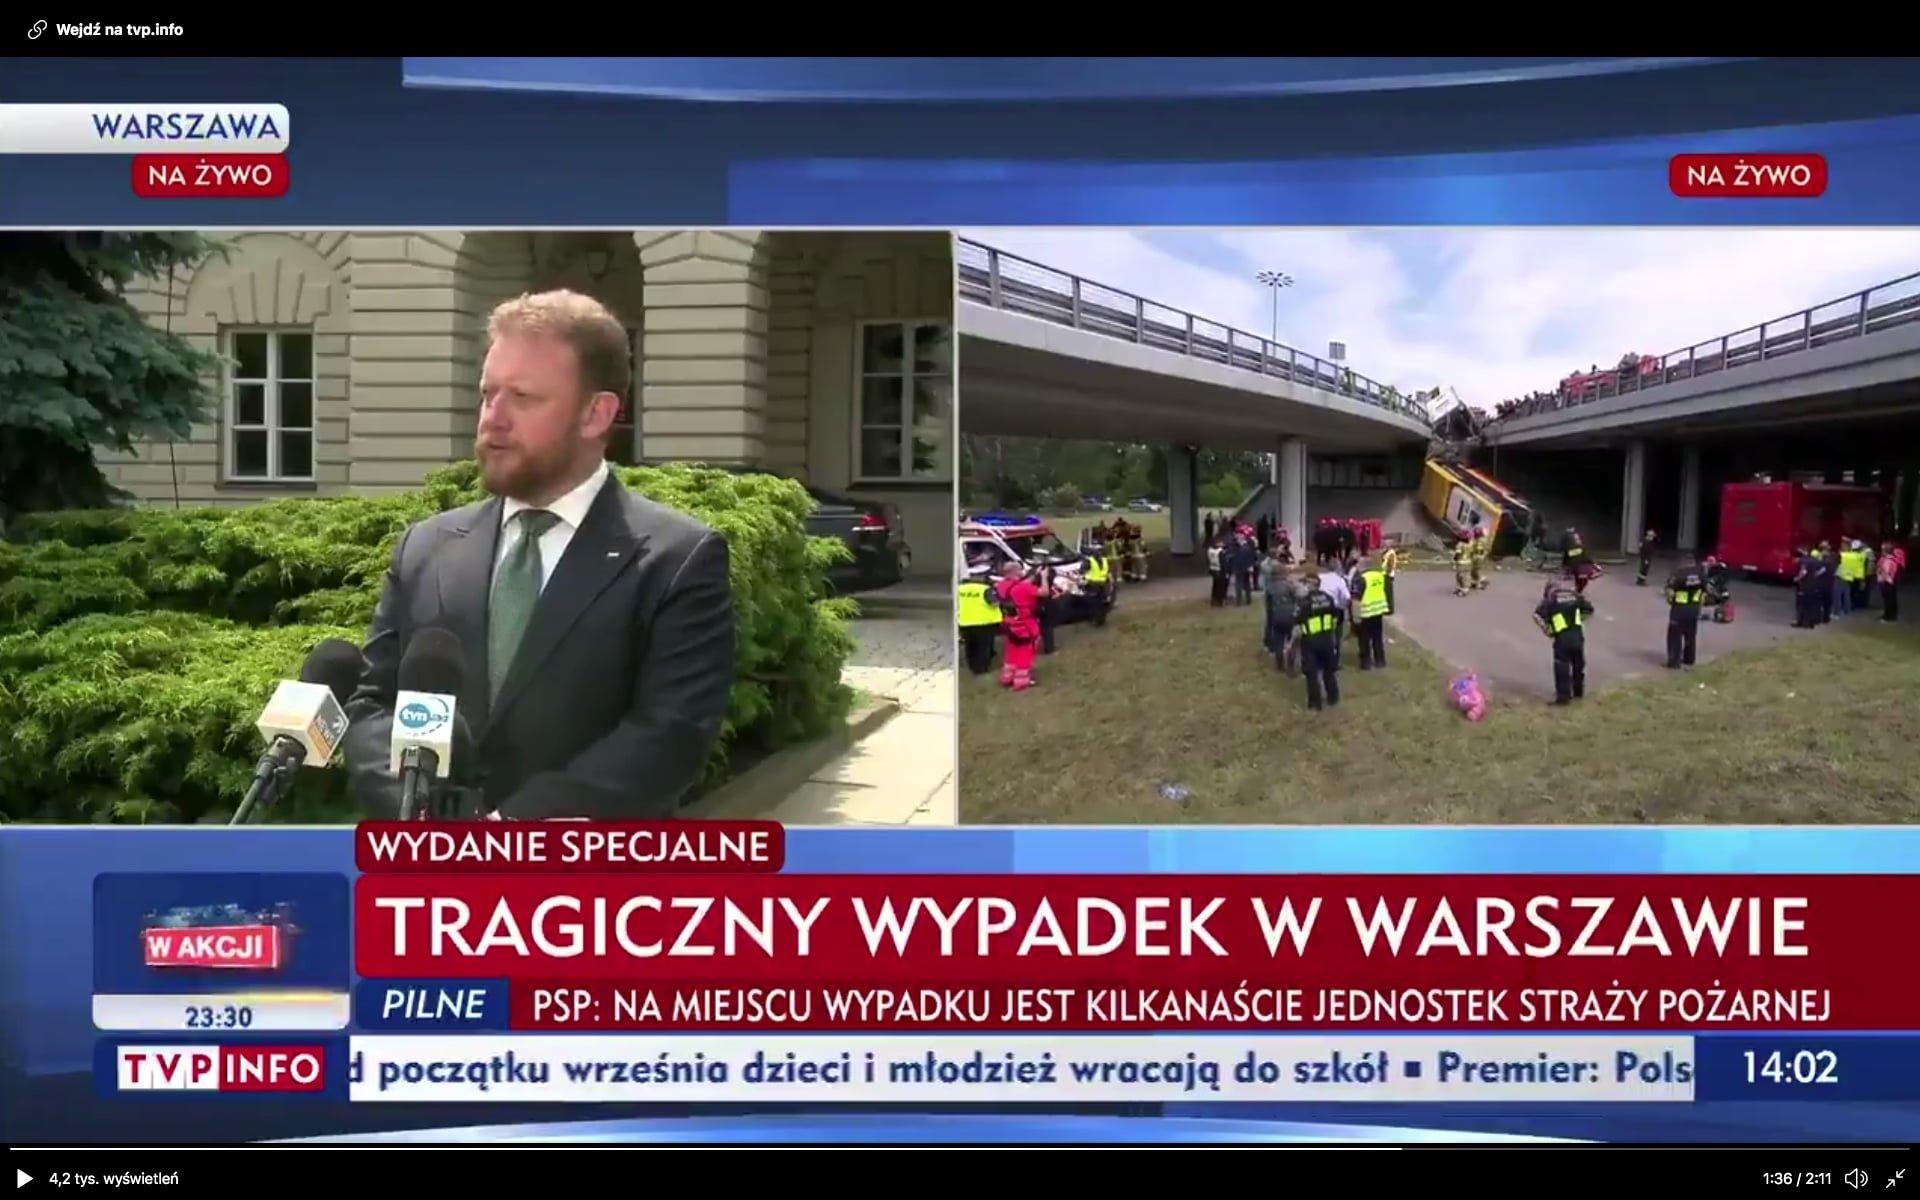 Tragiczny wypadek w Warszawie